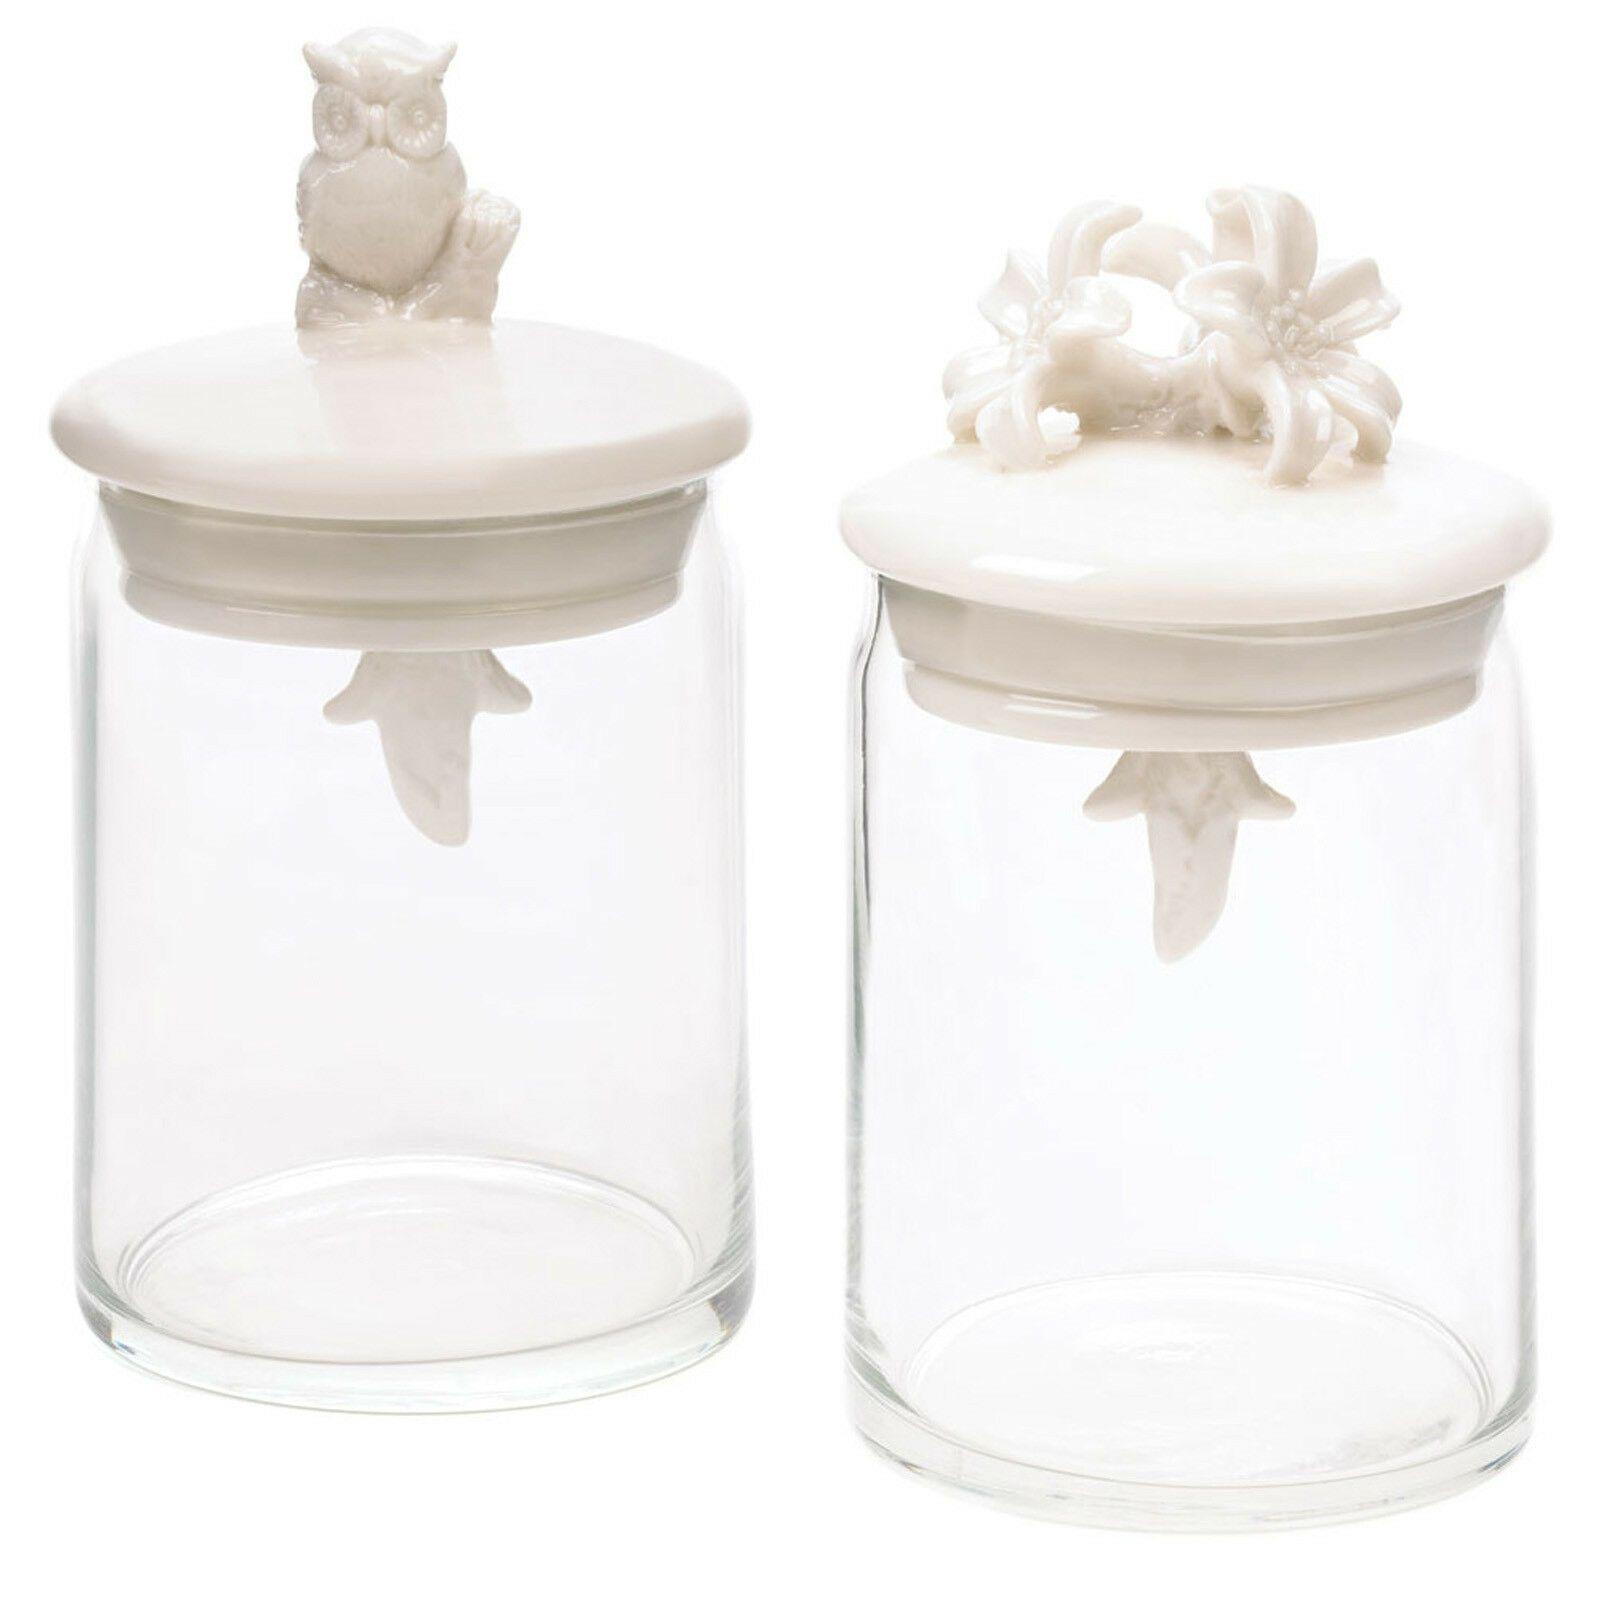 Https Ift Tt 2lh590h Decorative Storage Ideas Of Decorative Storage Decorativestorage Glass Stora Glass Storage Containers Glass Storage Jar Storage